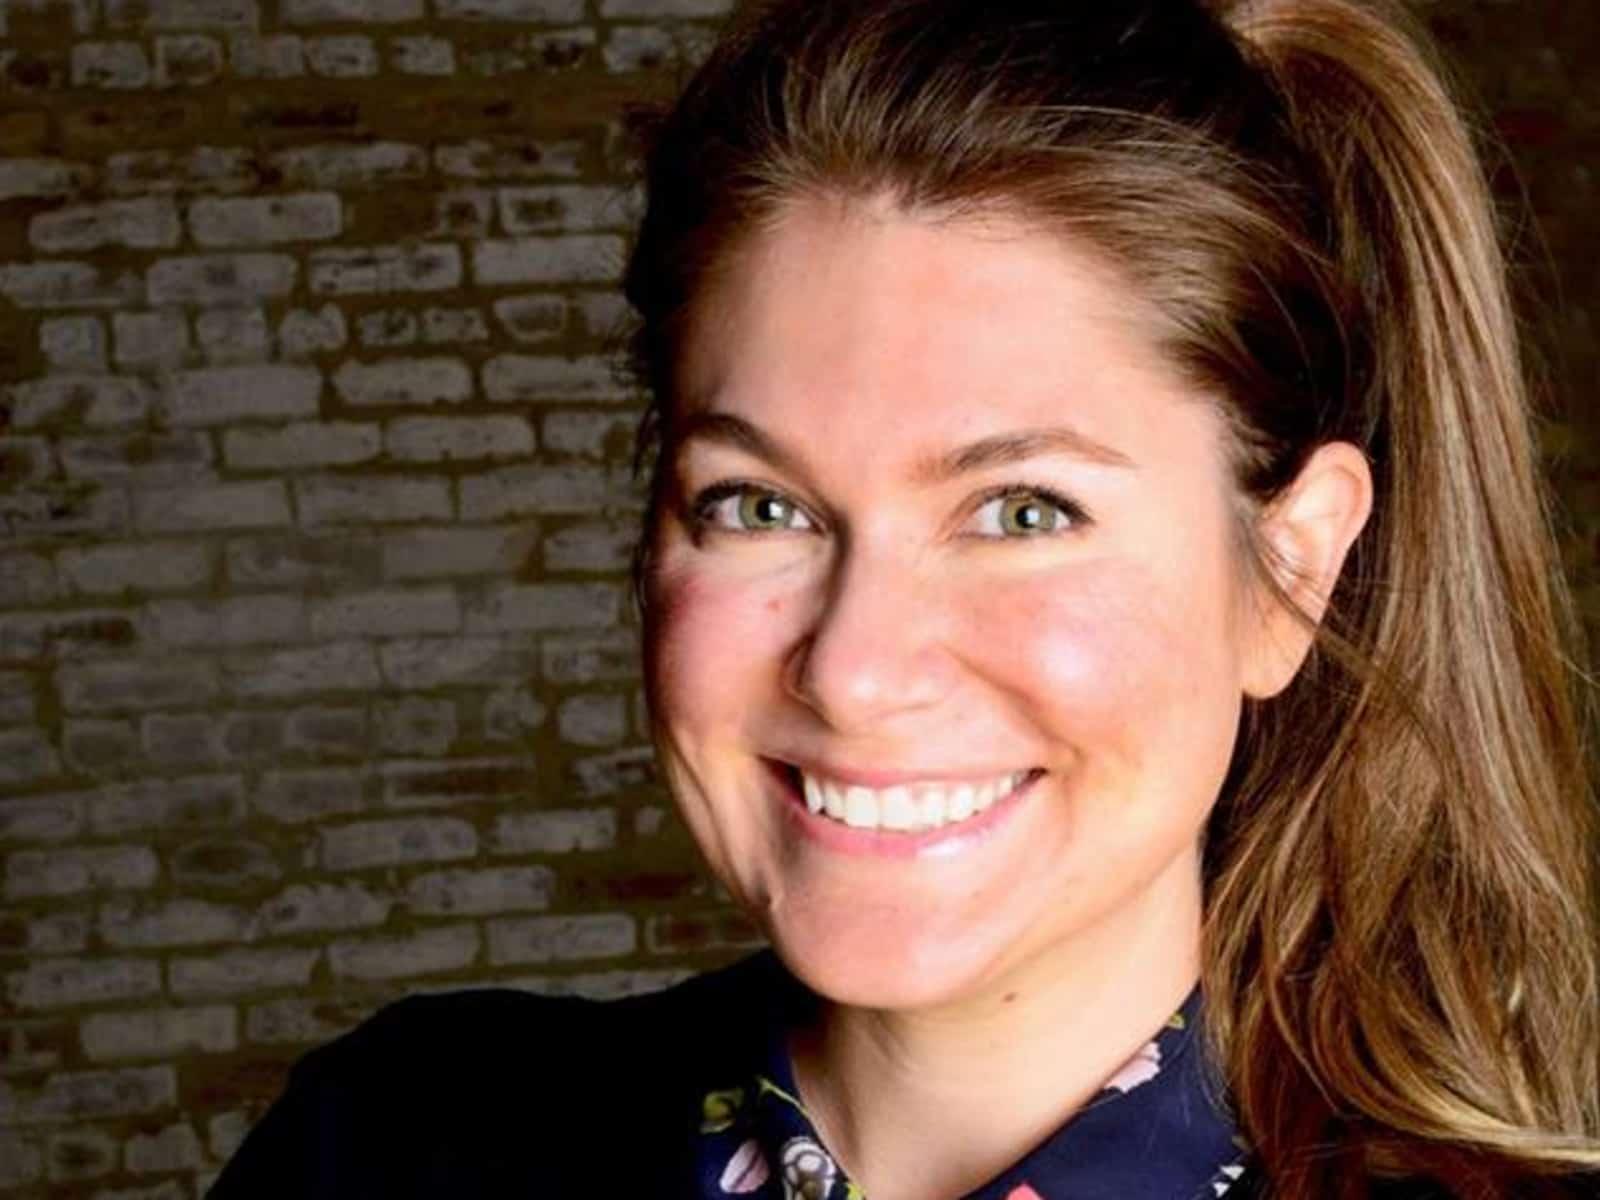 Amanda from Chicago, Illinois, United States